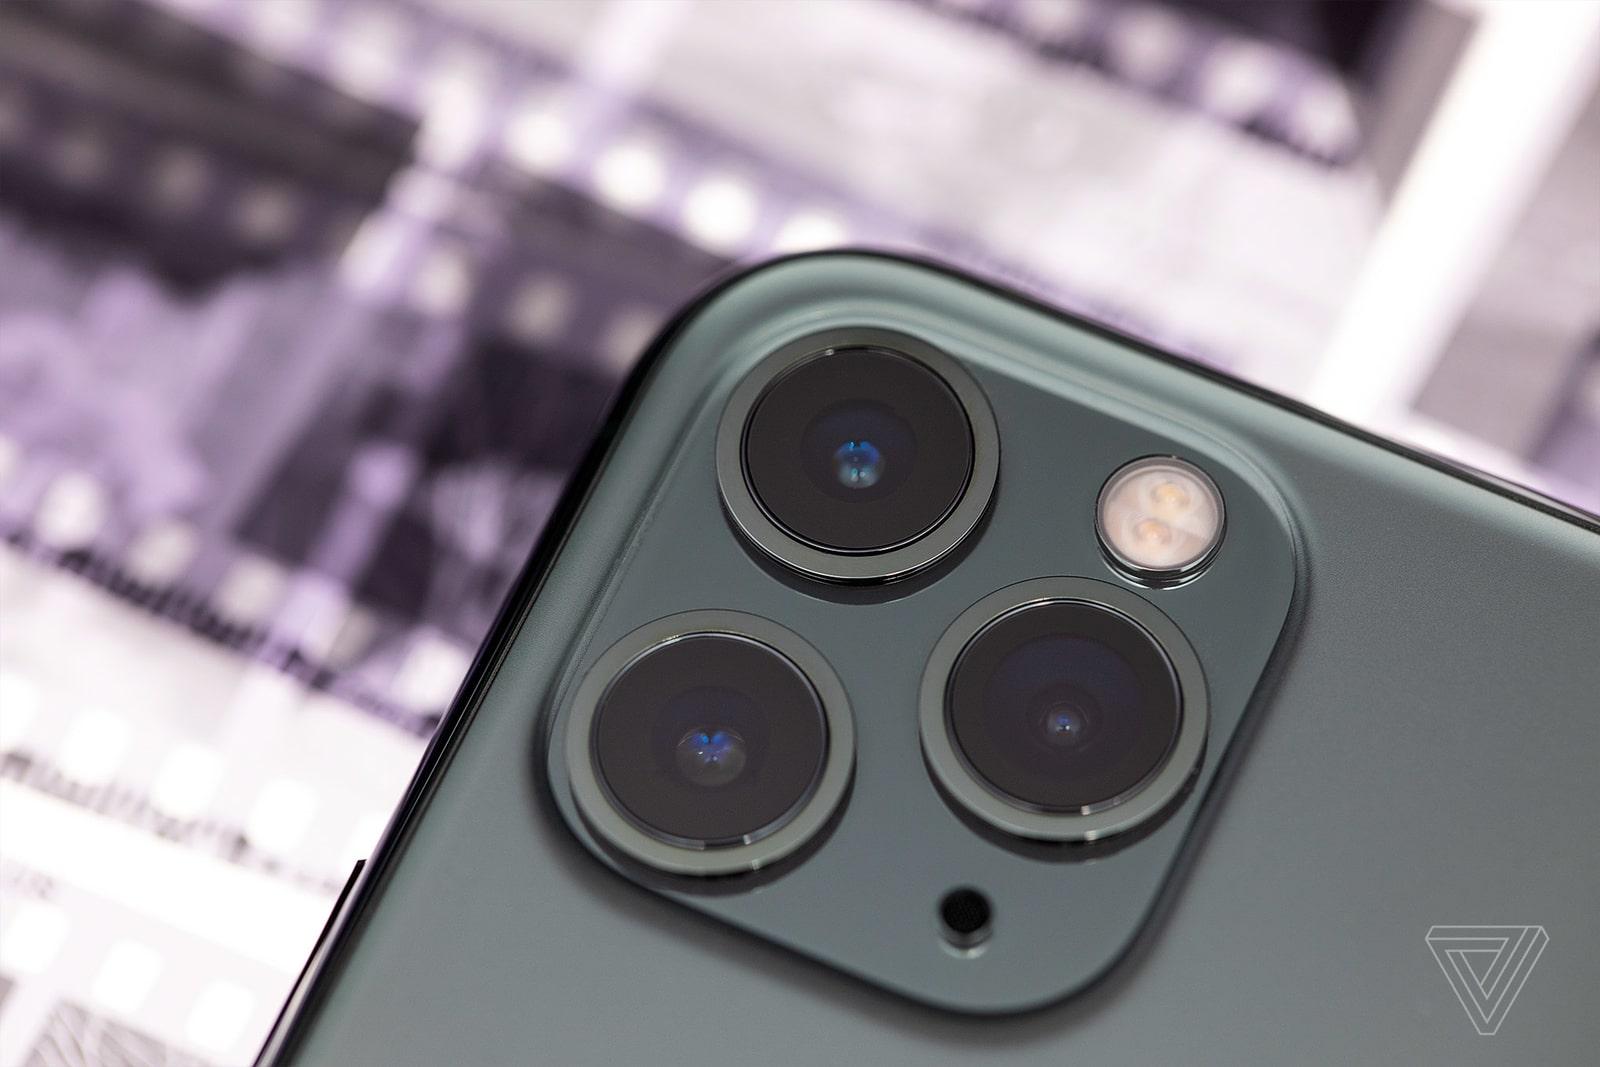 Kì lạ: Apple thêm nút chọn độ phân giải video ngay trong ứng dụng camera, song chỉ có trên iPhone 11